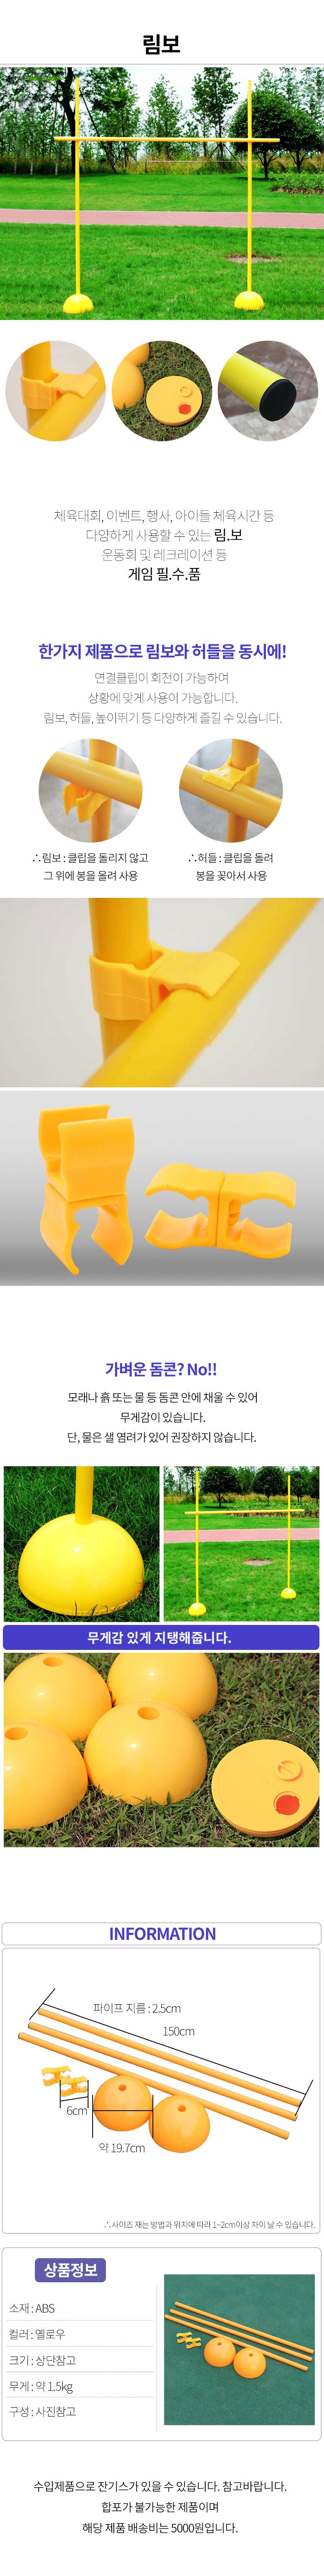 림보 림보게임 허들 - 홀트레이드, 33,900원, 아이디어 상품, 아이디어 상품